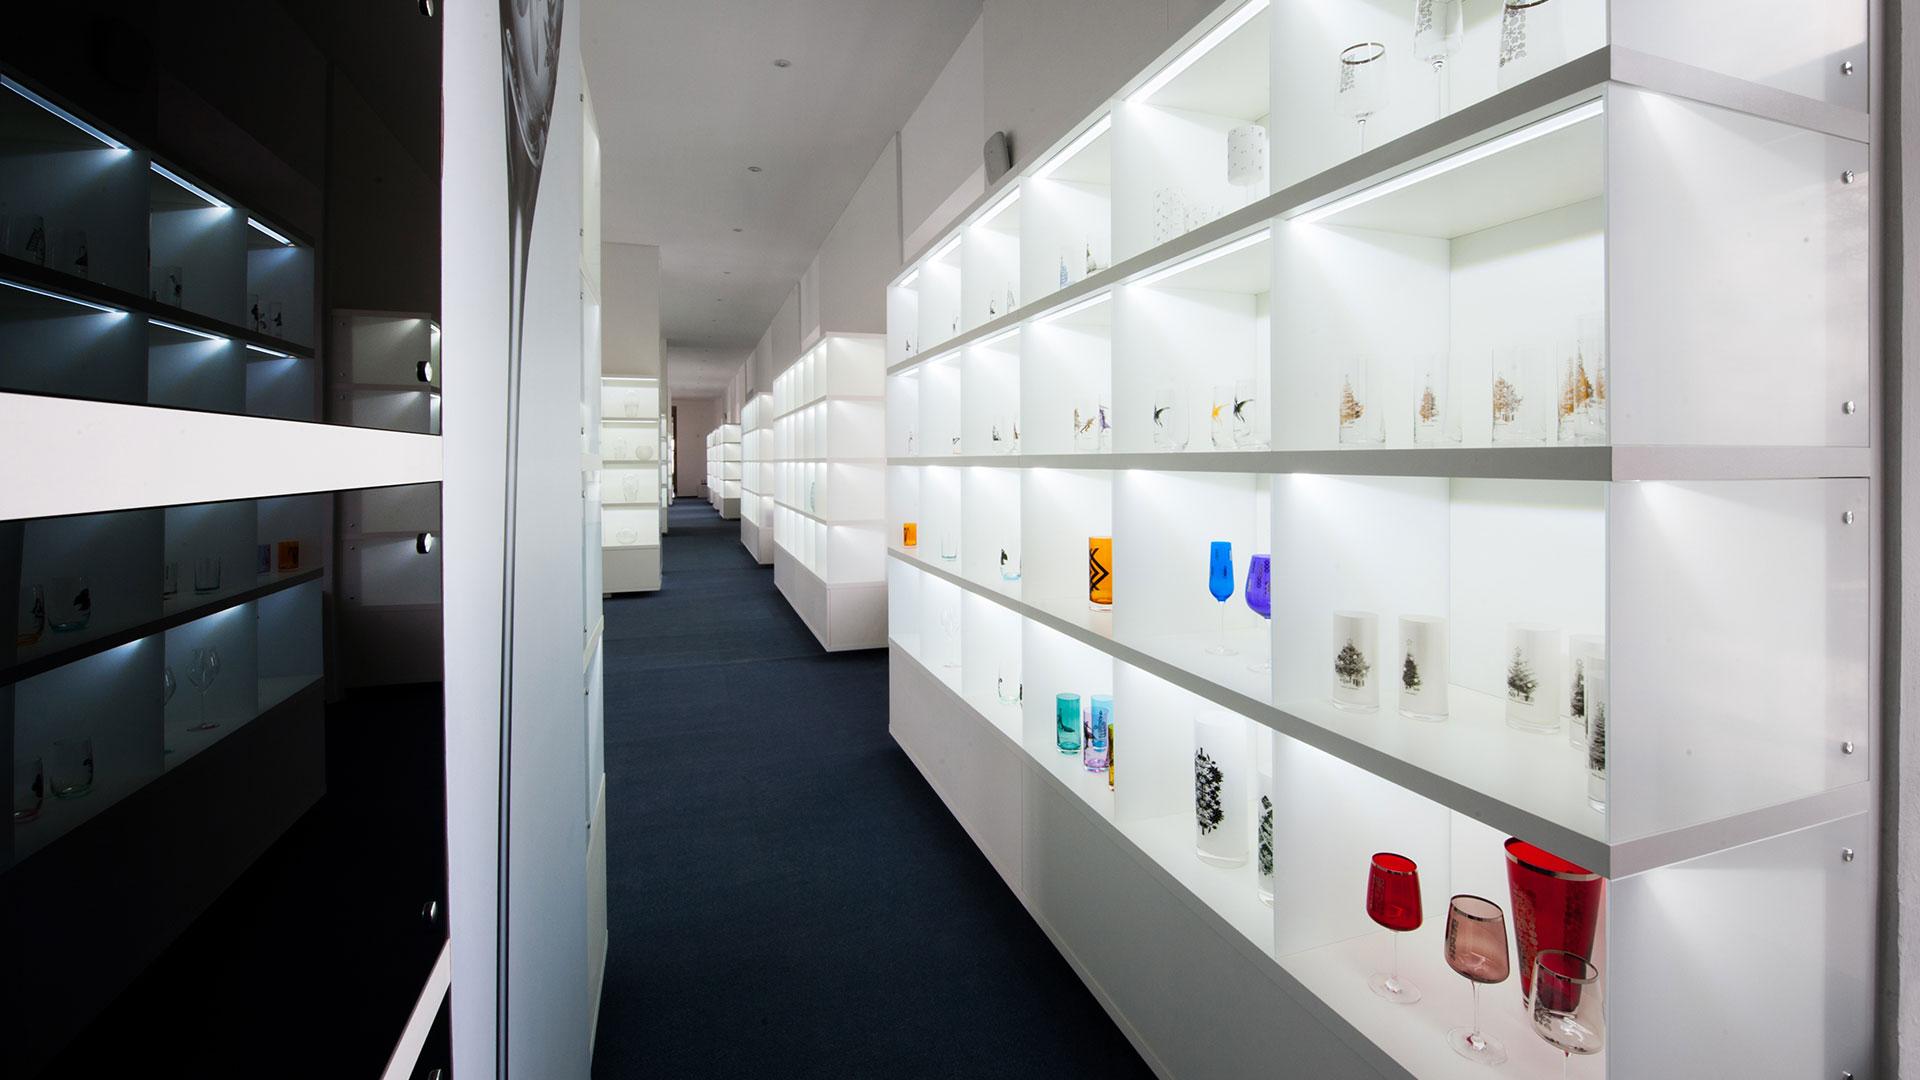 showroom Rona glass